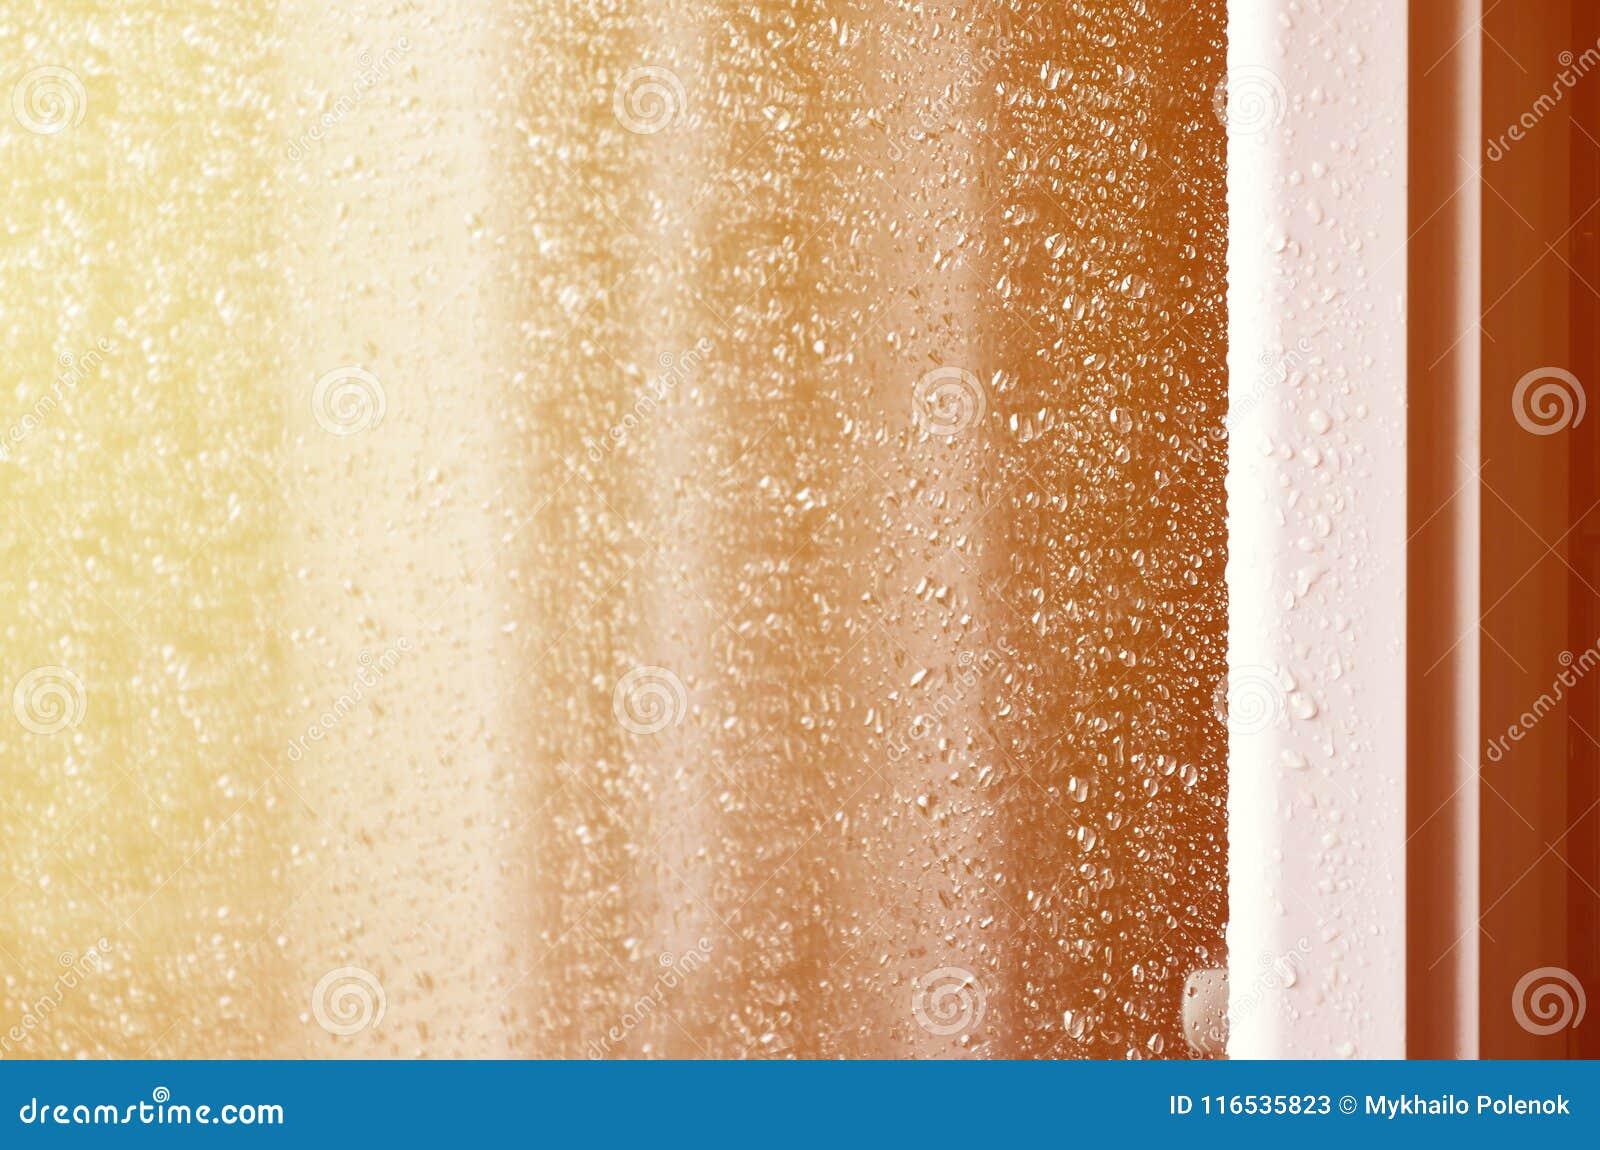 Hintergrund des Regens fällt auf ein Glasfenster Makrofoto mit flacher Schärfentiefe Getontes pictur